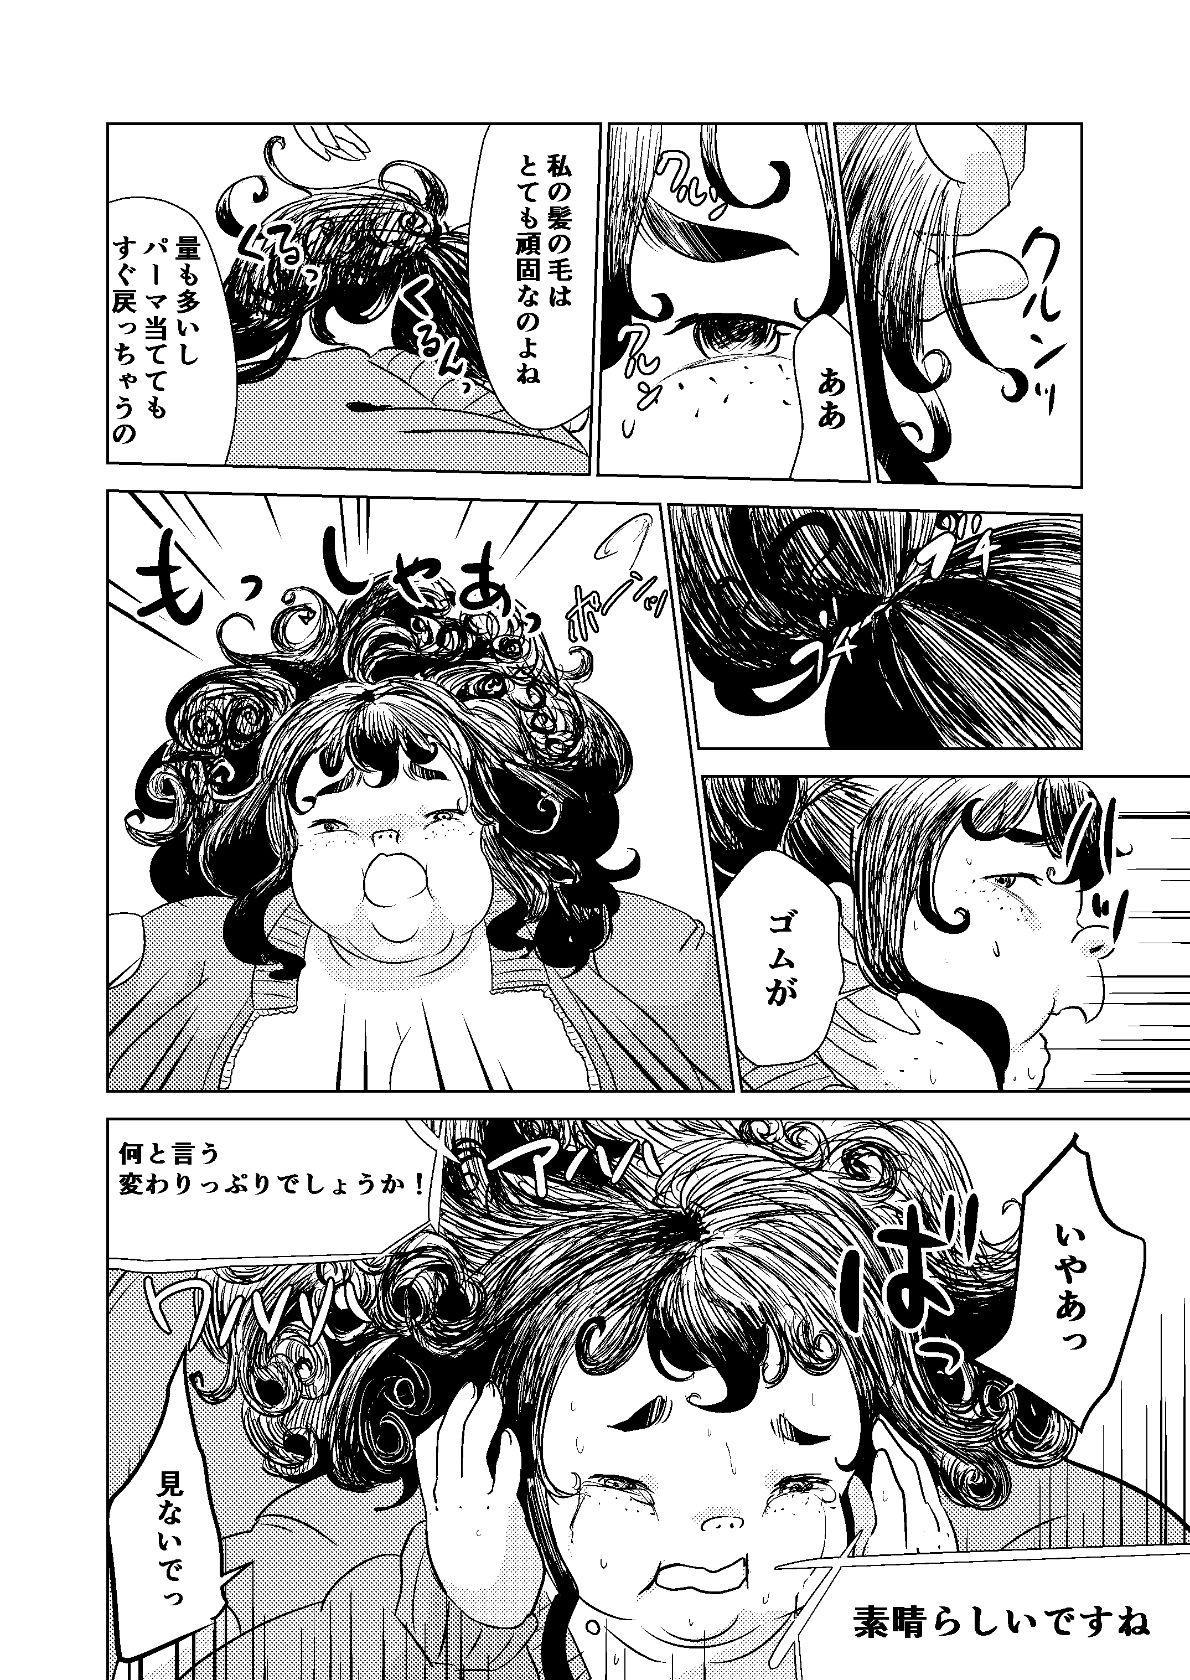 Kyou kara Watashi wa Anata ni Naru. 29